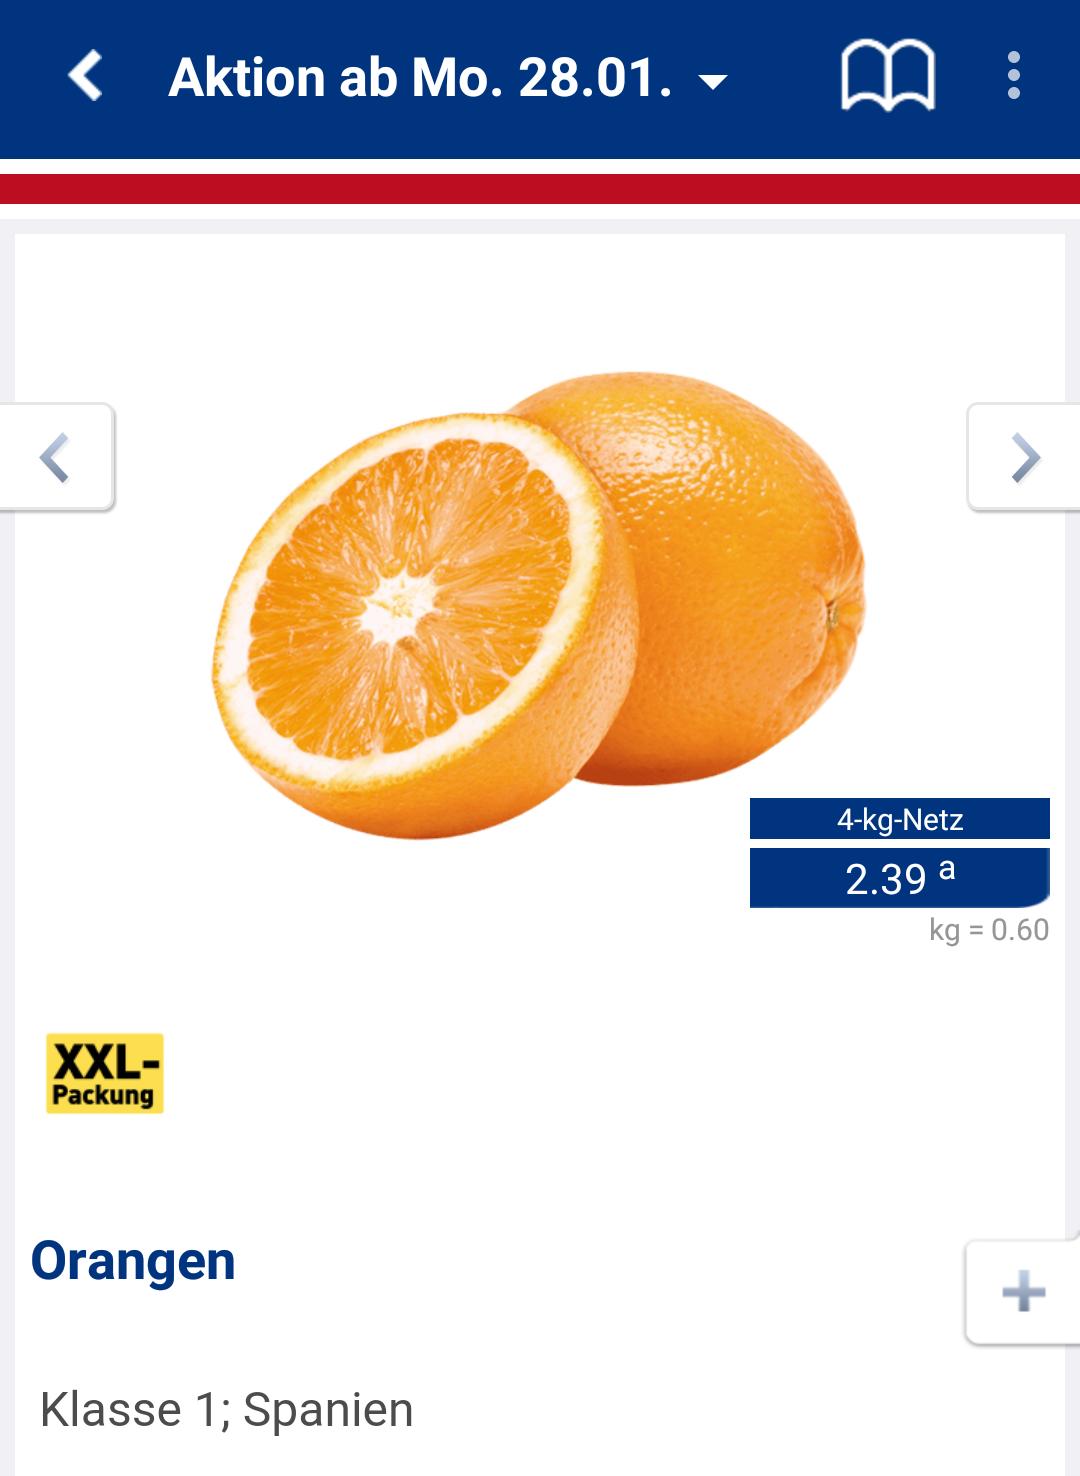 Orangen 0,60€ / kg. Perfekt für frischen O-Saft